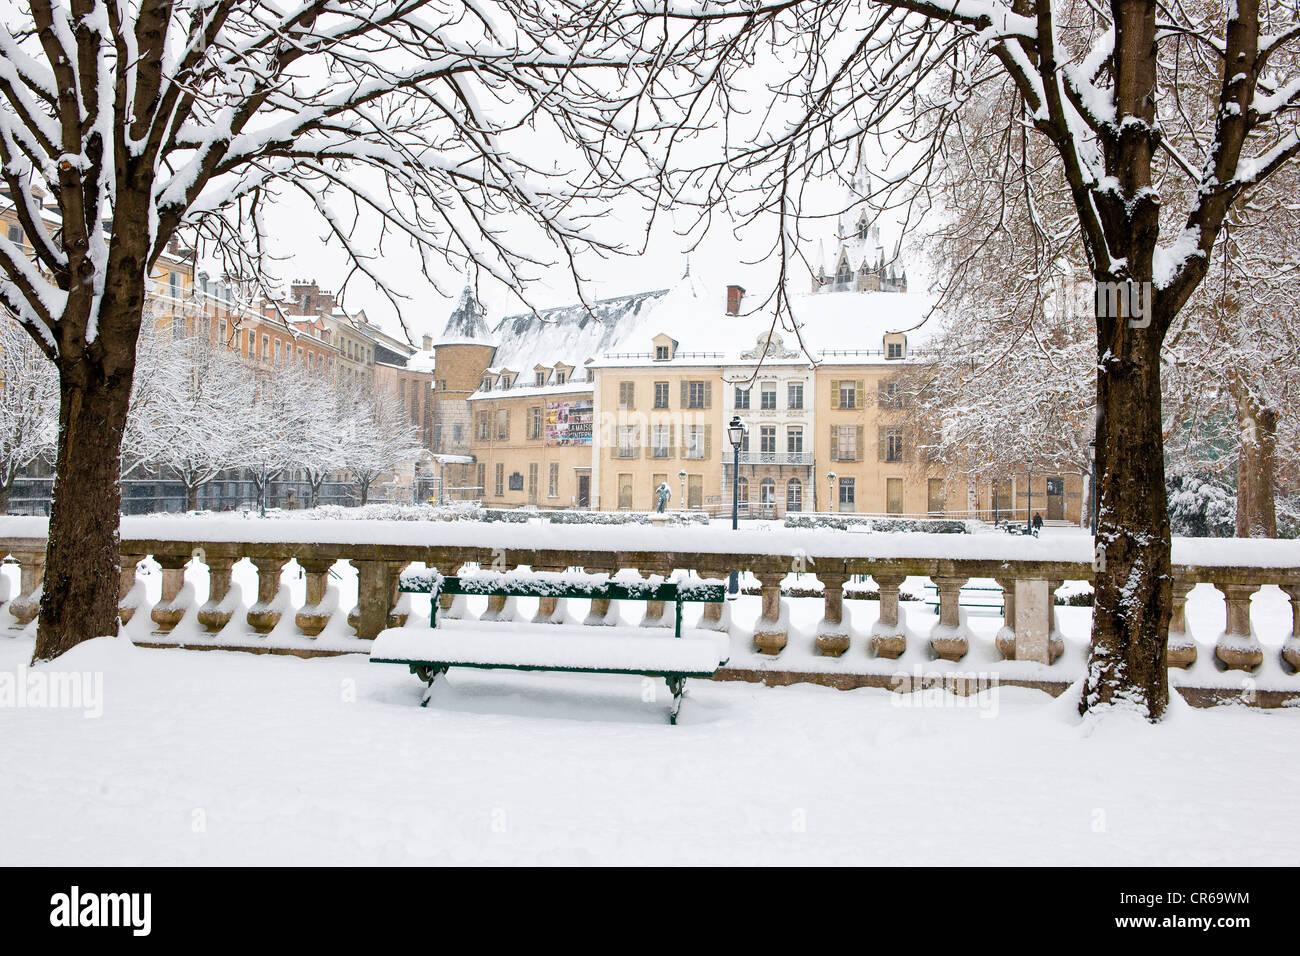 Grenoble France Winter Stock Photos & Grenoble France Winter Stock ...